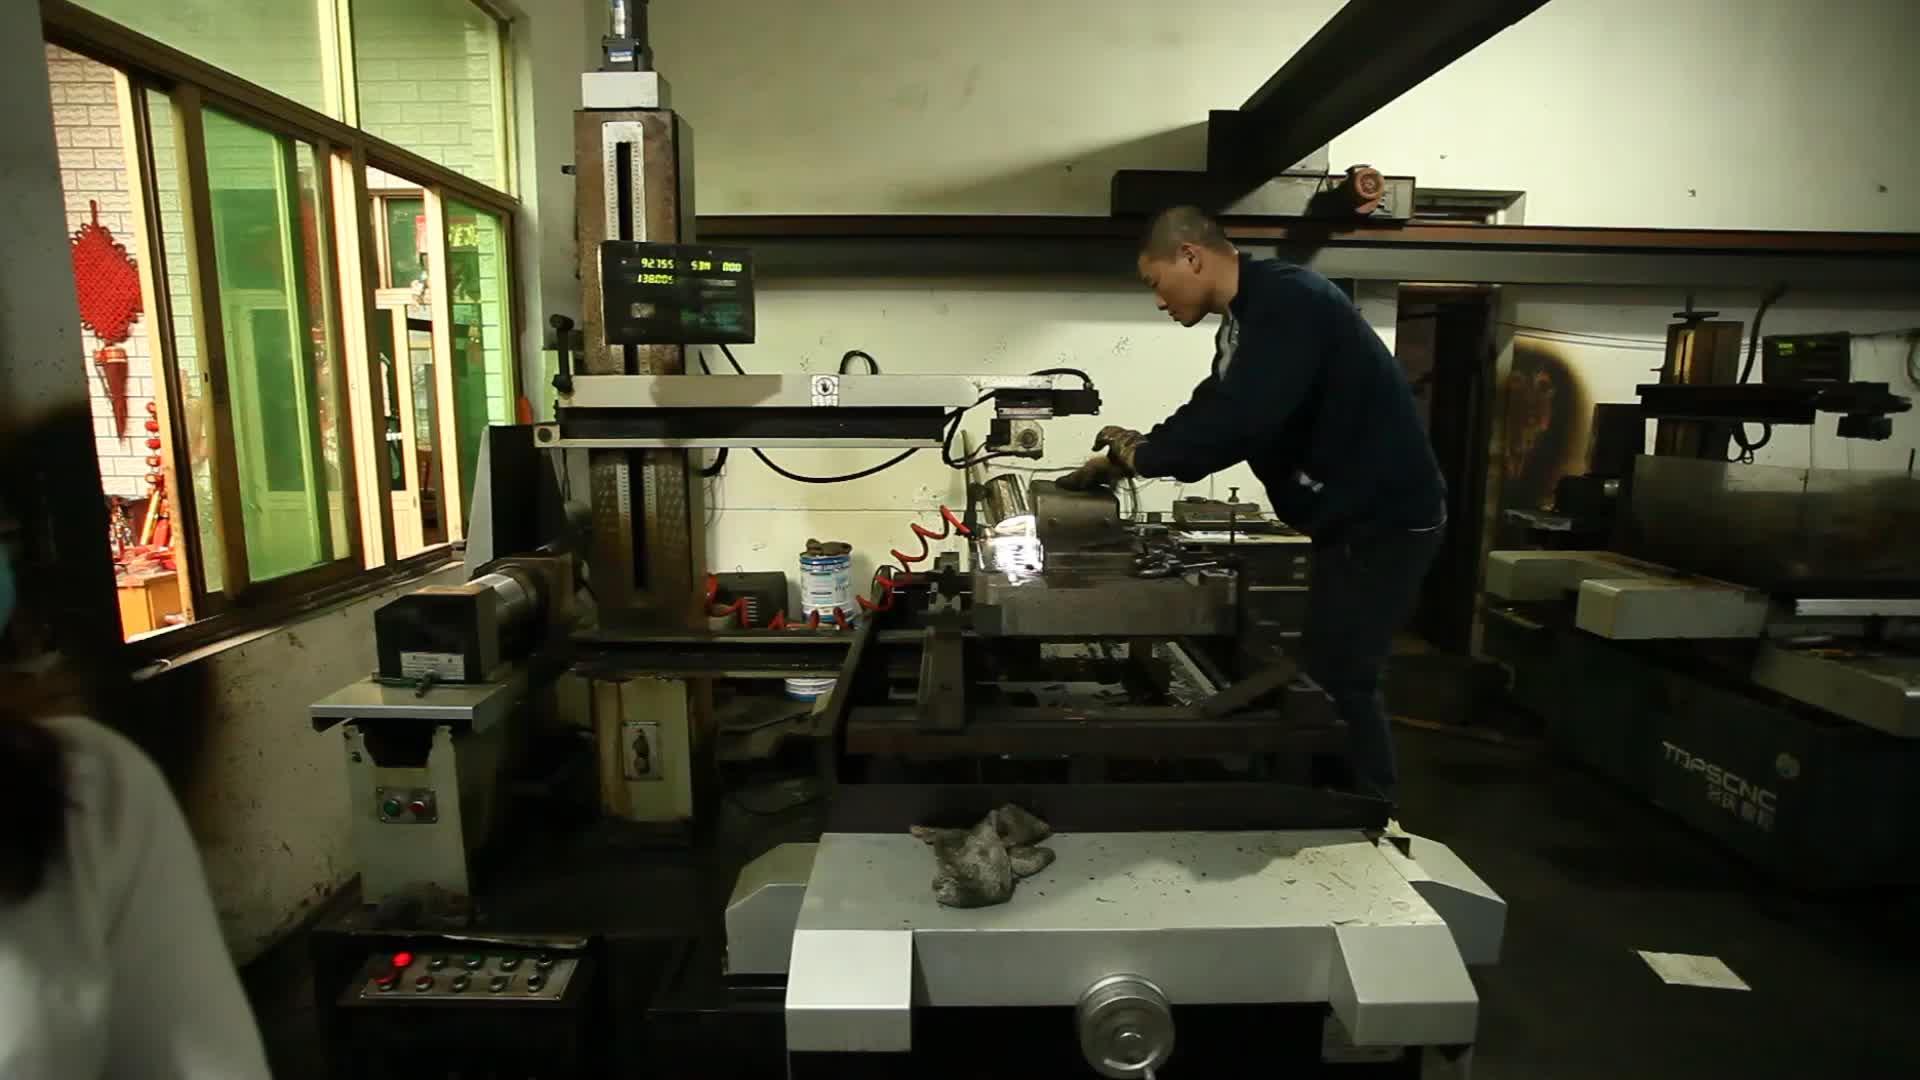 ทองแดง CNC เครื่องจักรกลที่กำหนดเองคุณภาพสูงราคาถูกทองเหลืองความแม่นยำชิ้นส่วนทองเหลือง CNC Mechanical FOB อ้างอิงราคา: แถม L